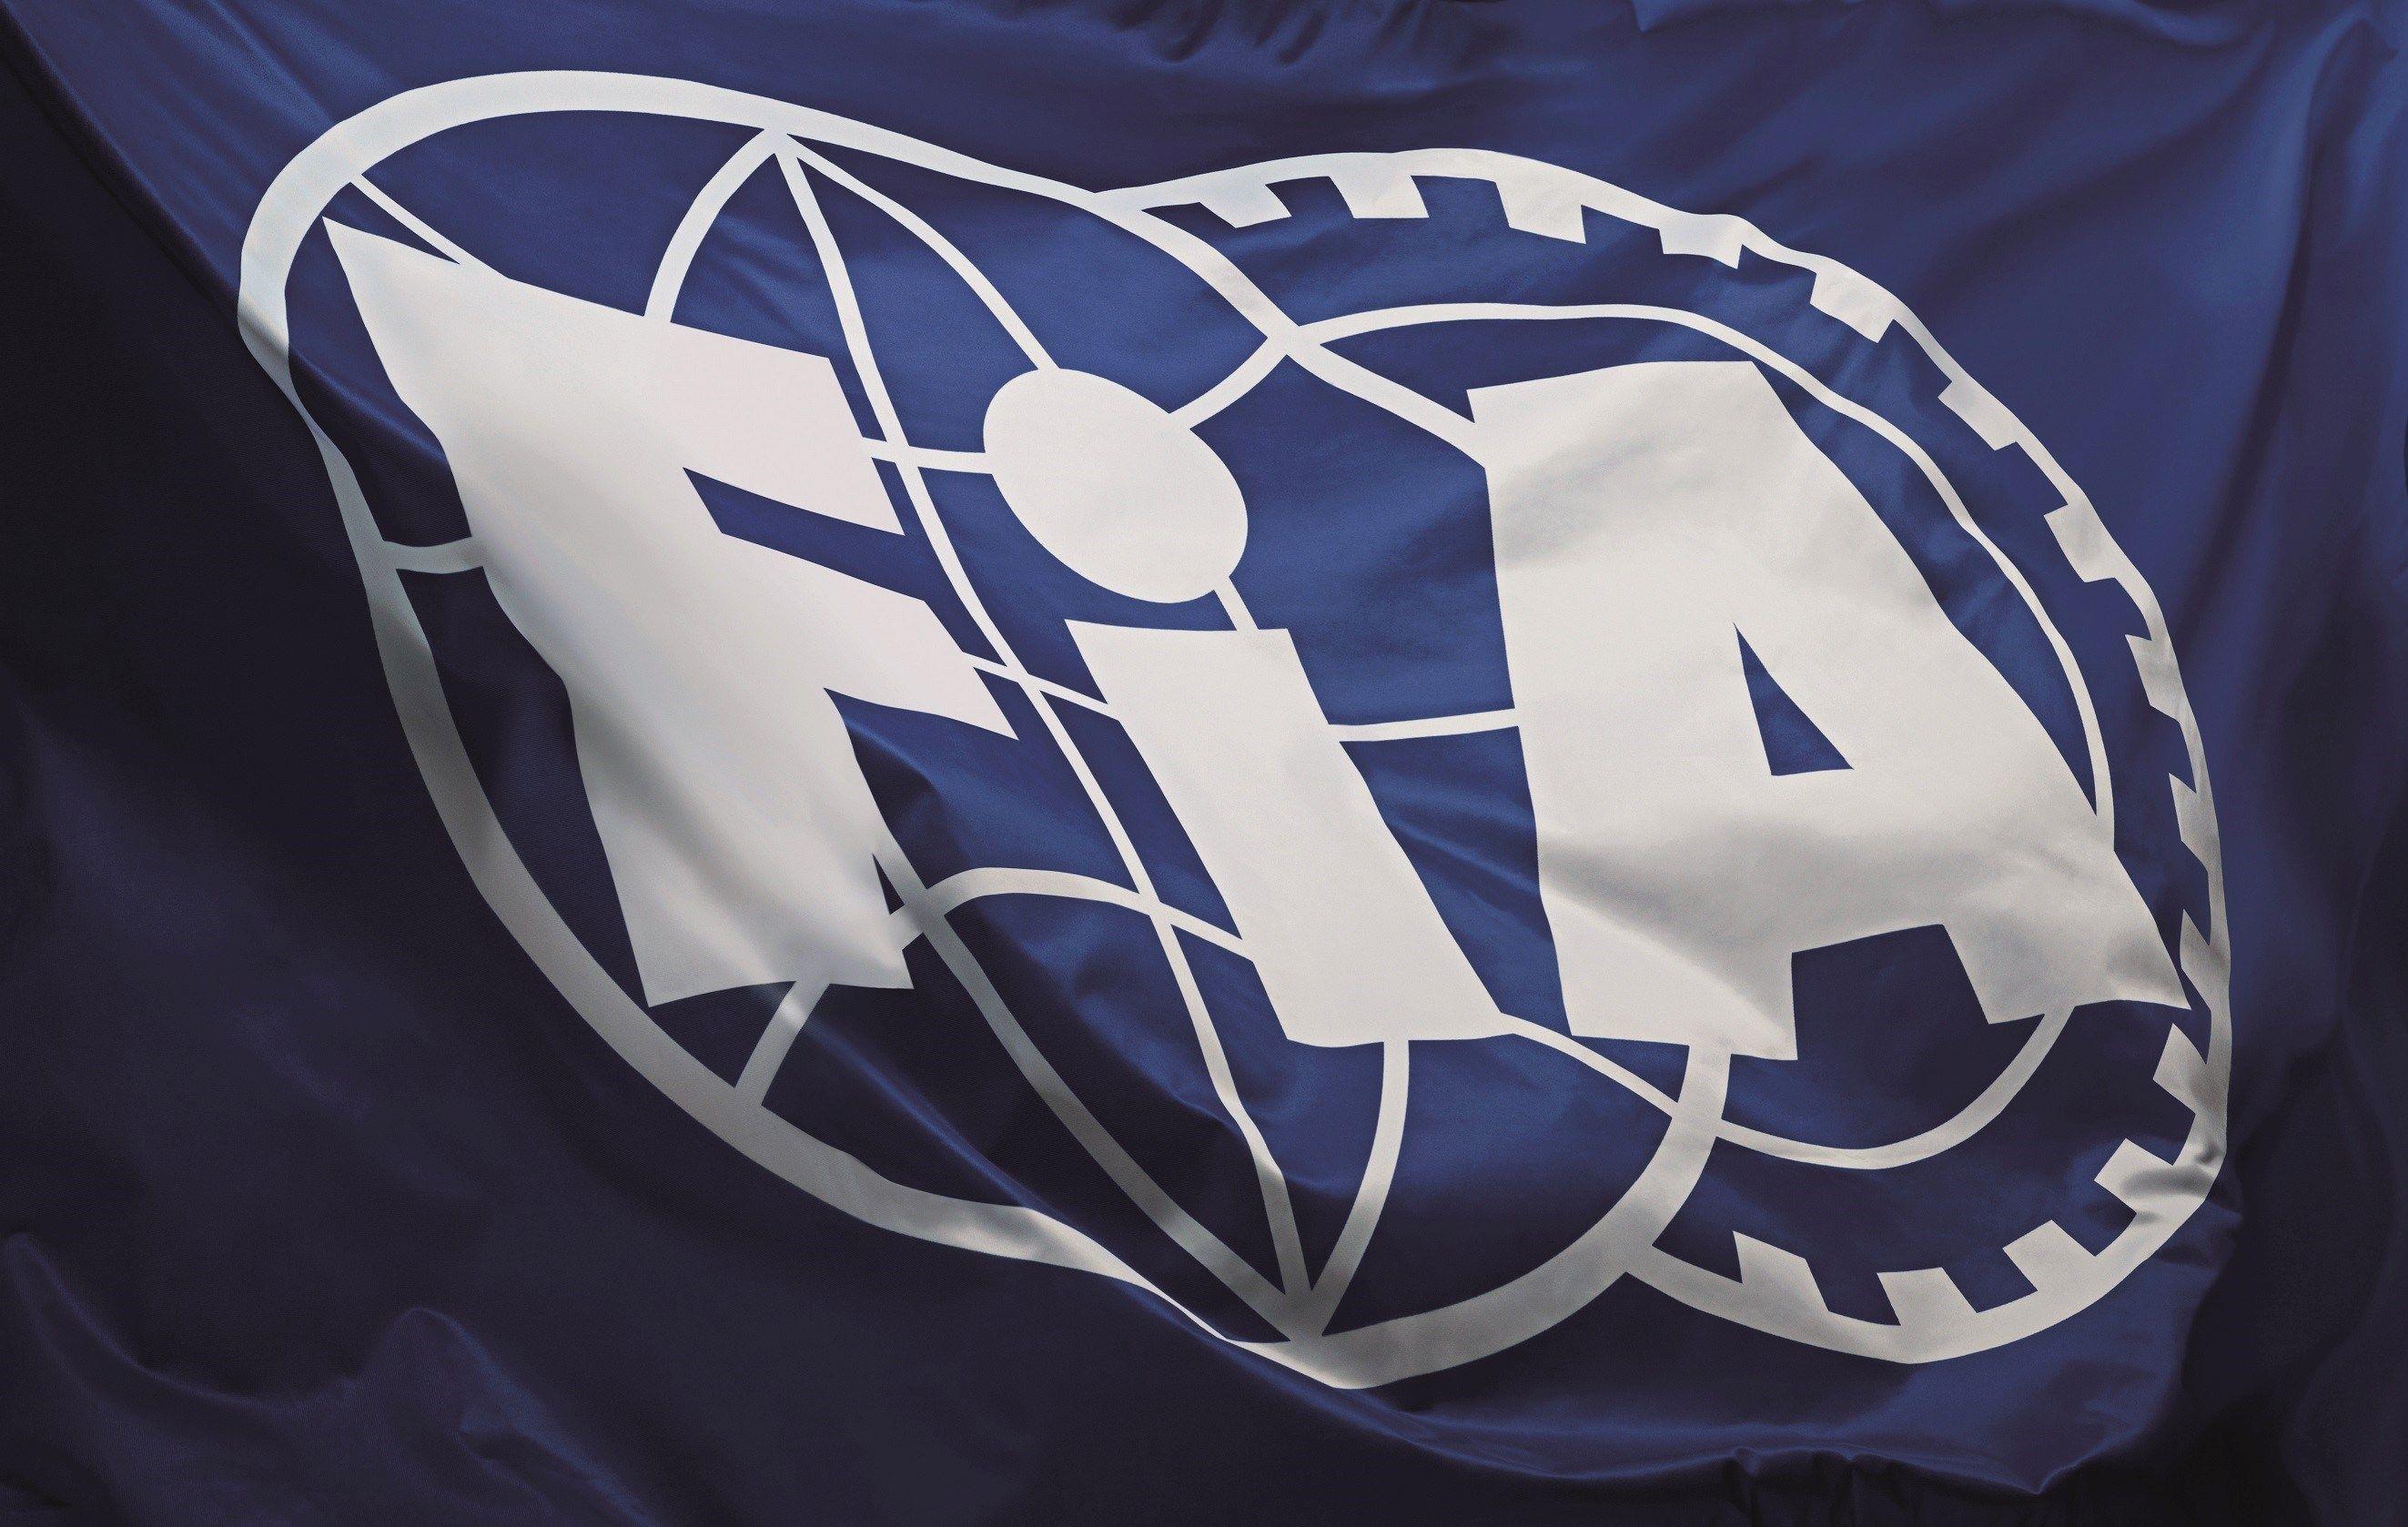 La bandiera della Federazione Internazionale dell'Automobile (foto da: f1madness.co.za)